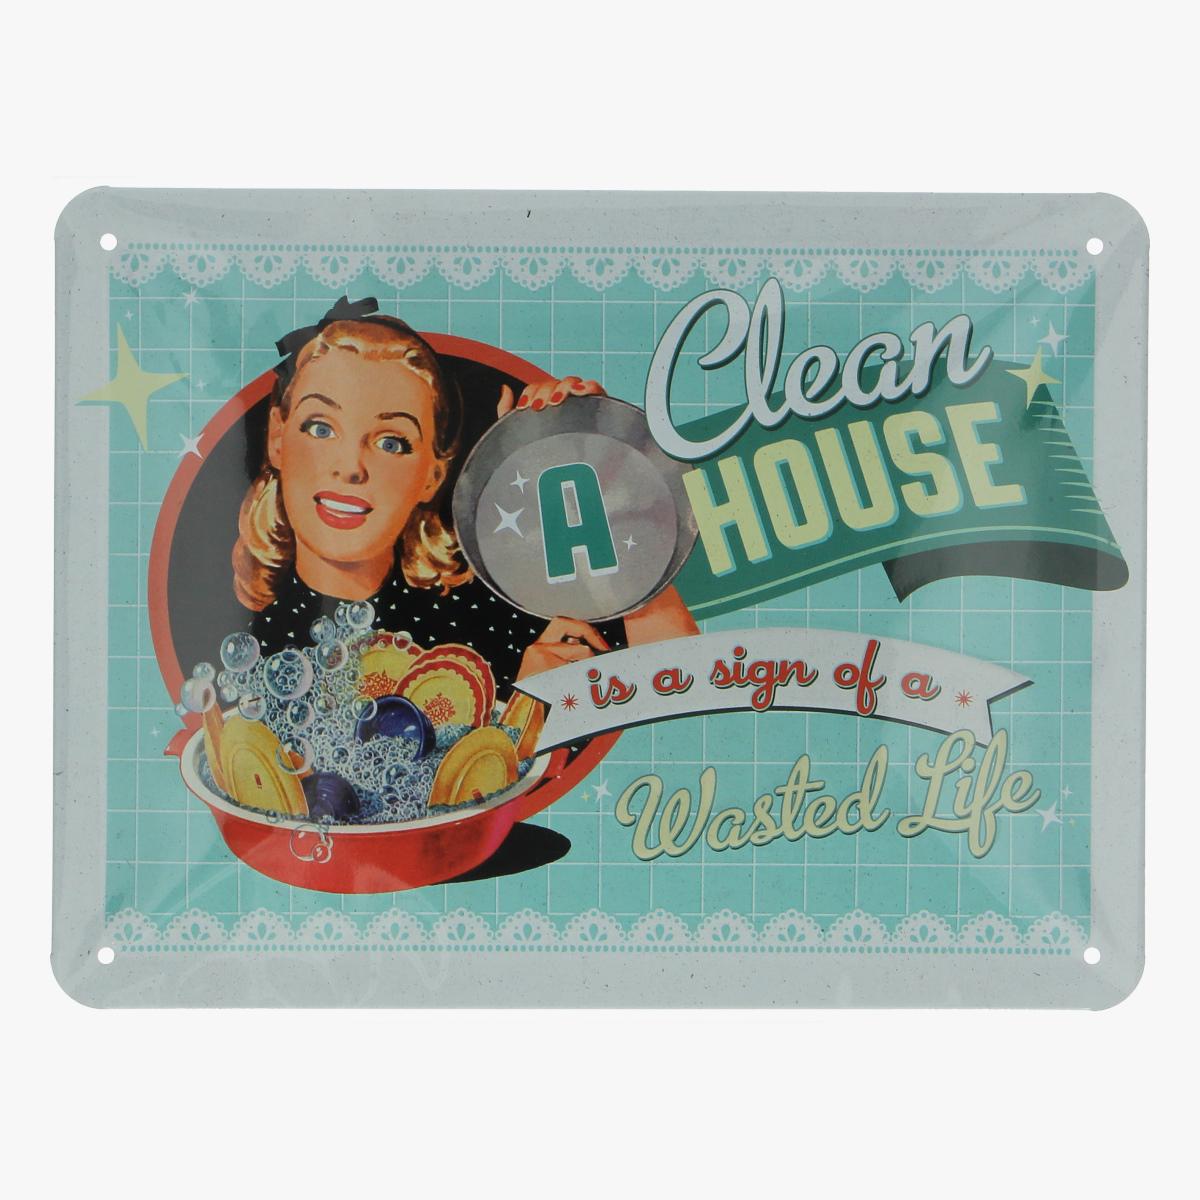 Afbeeldingen van blikken bordje clean a house repro